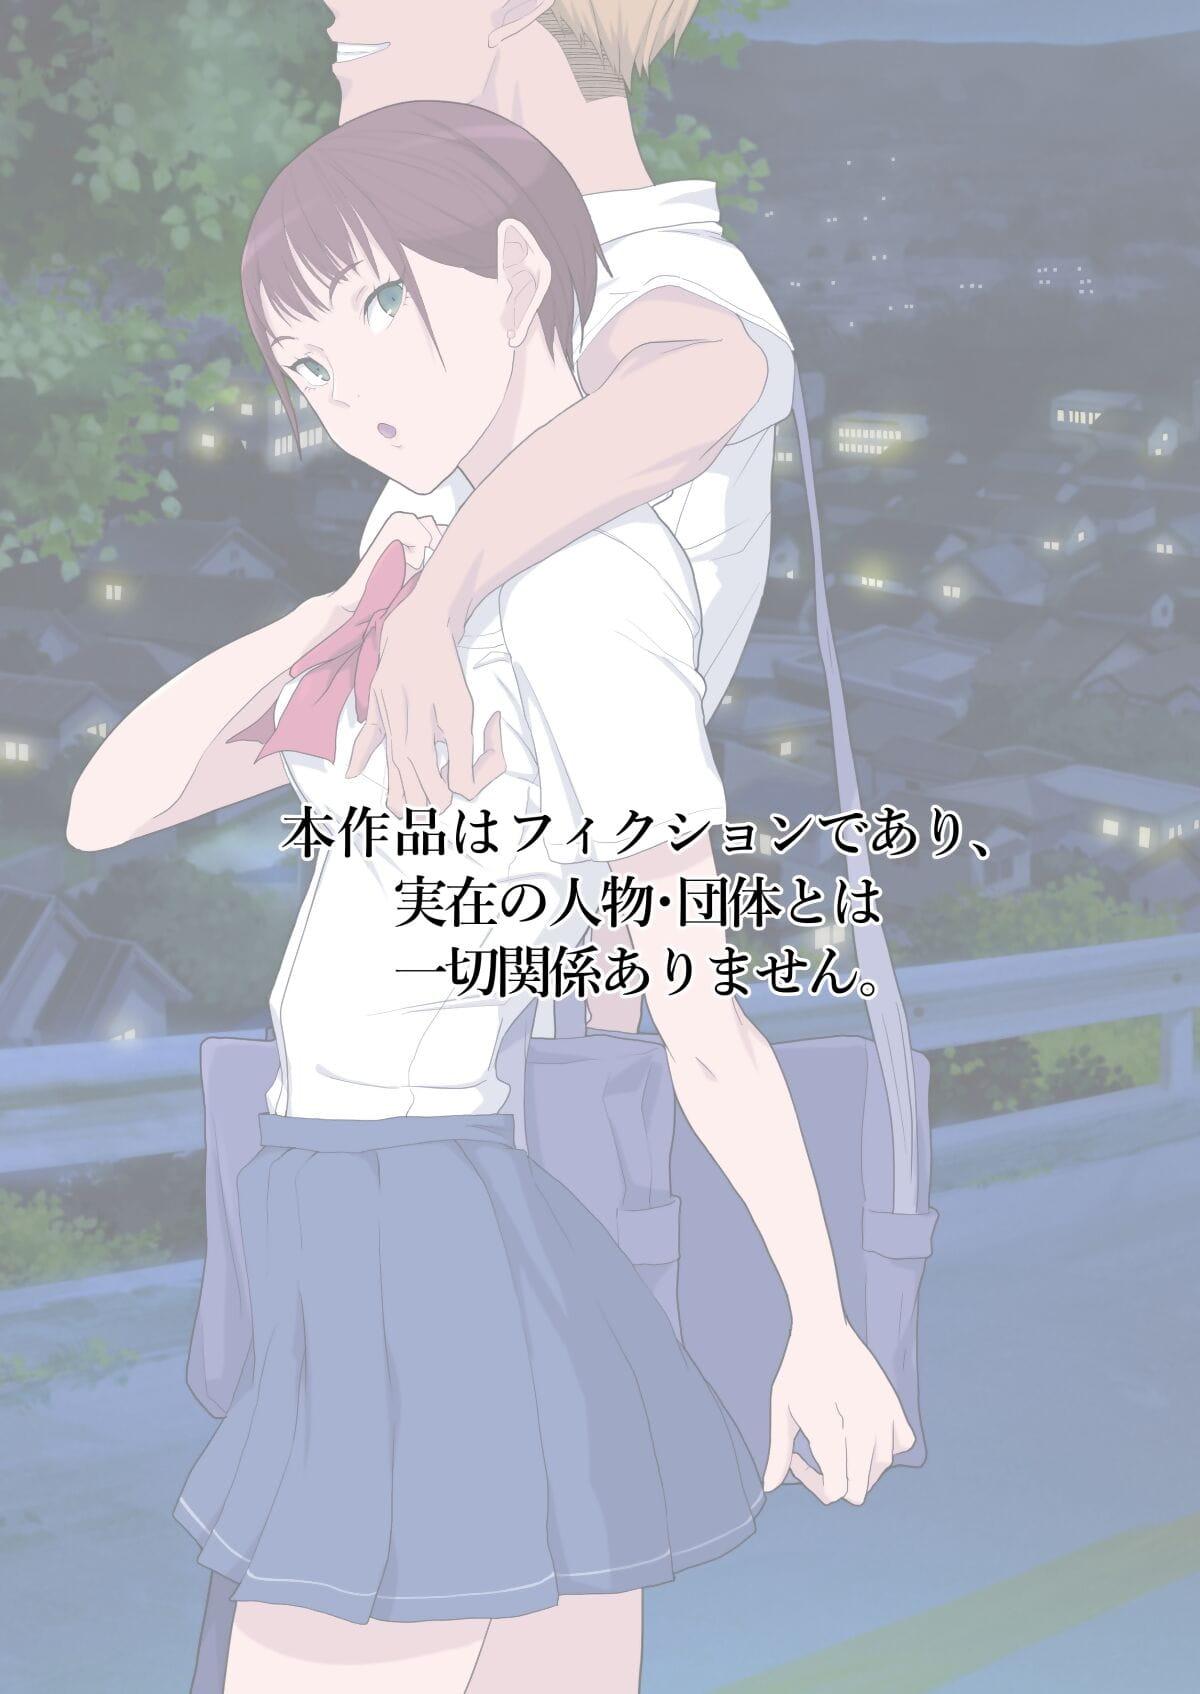 Poppenheim Kamisyakujii Yubeshi Aitsu Ima- Nani Shiteru? - 저 녀석 지금- 뭐하는 거야? Korean 팀☆데레마스 Digital